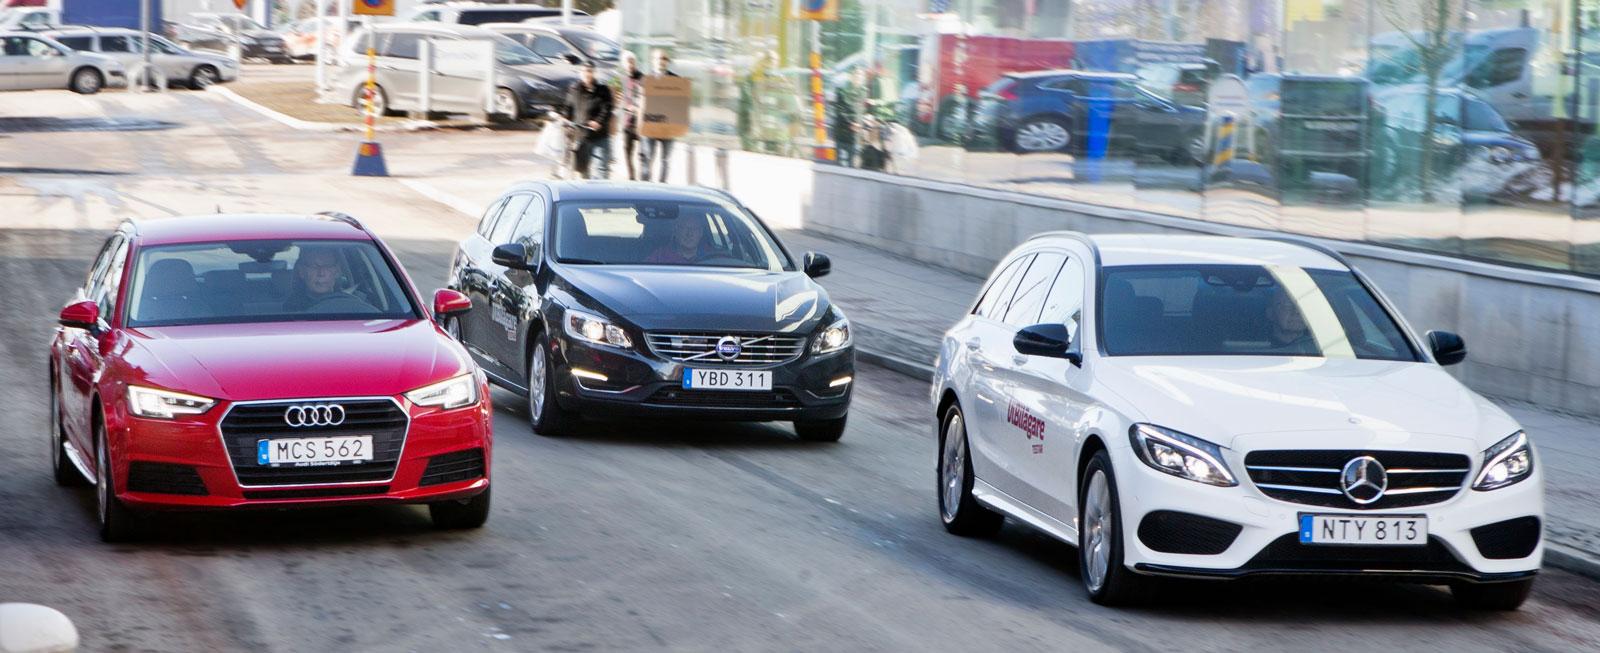 """Ingen av bilarna kom upp i """"0,6 liter milen"""" under testet, ett gott betyg för så kraftfulla modeller."""